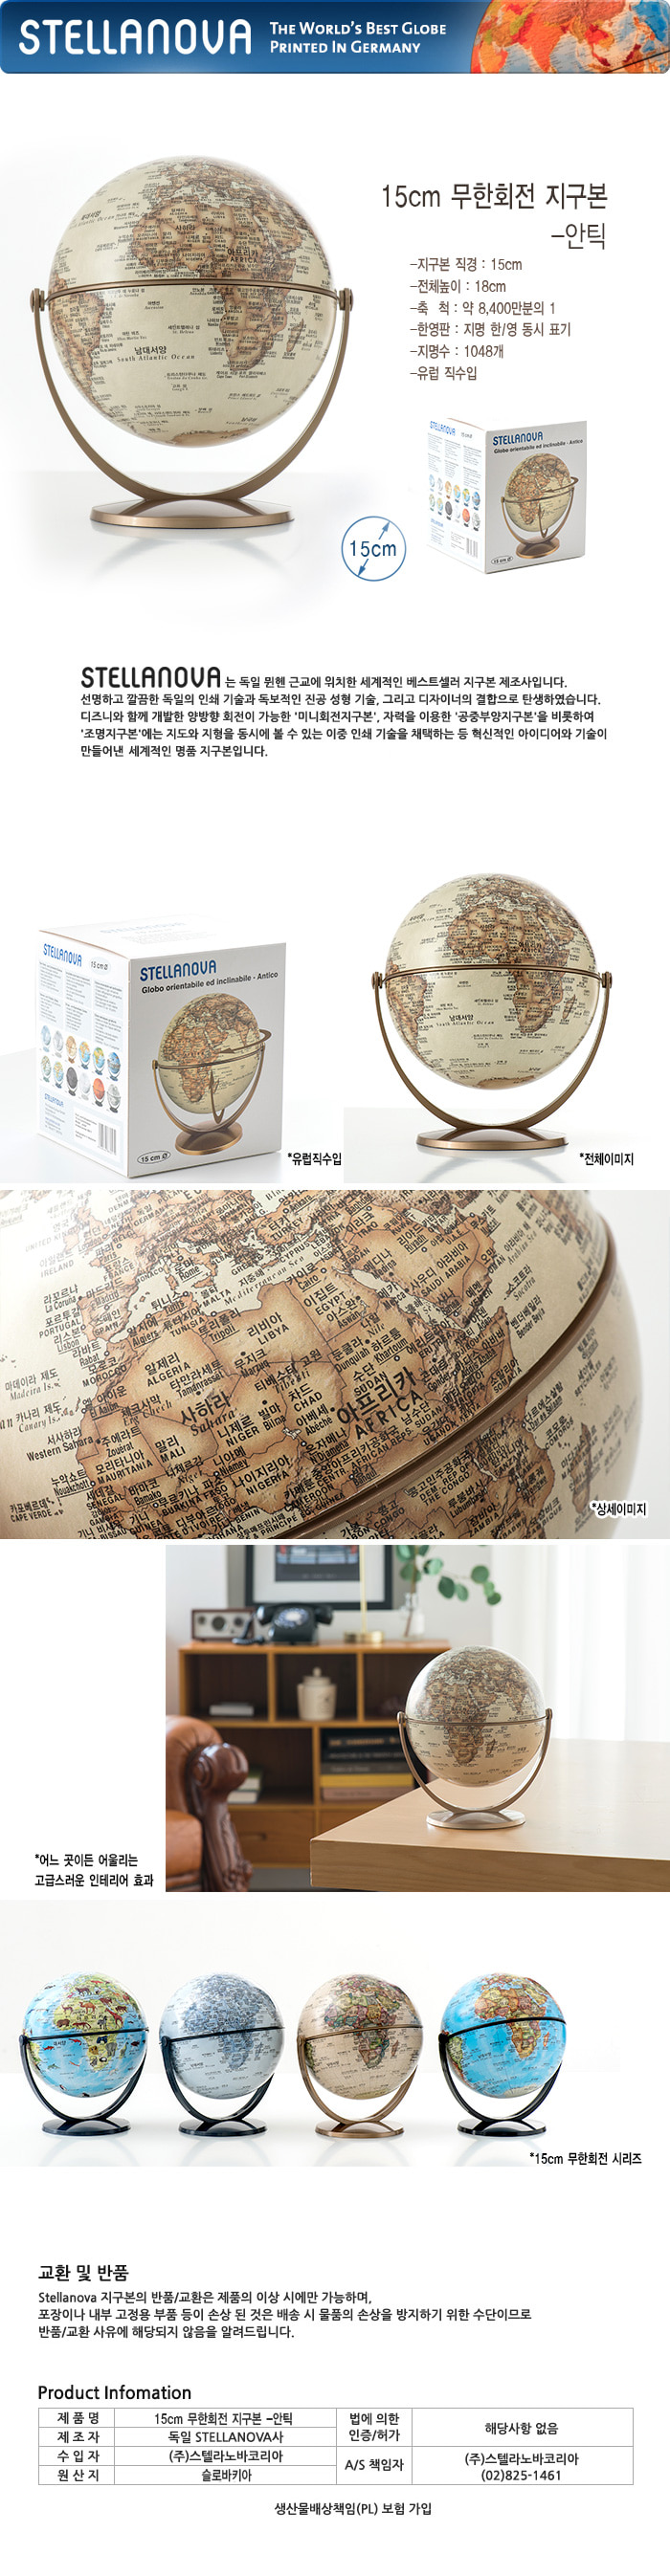 15cm 무한회전 지구본 안틱(한영판) - 스틸라노바, 39,000원, 장식소품, 지구본